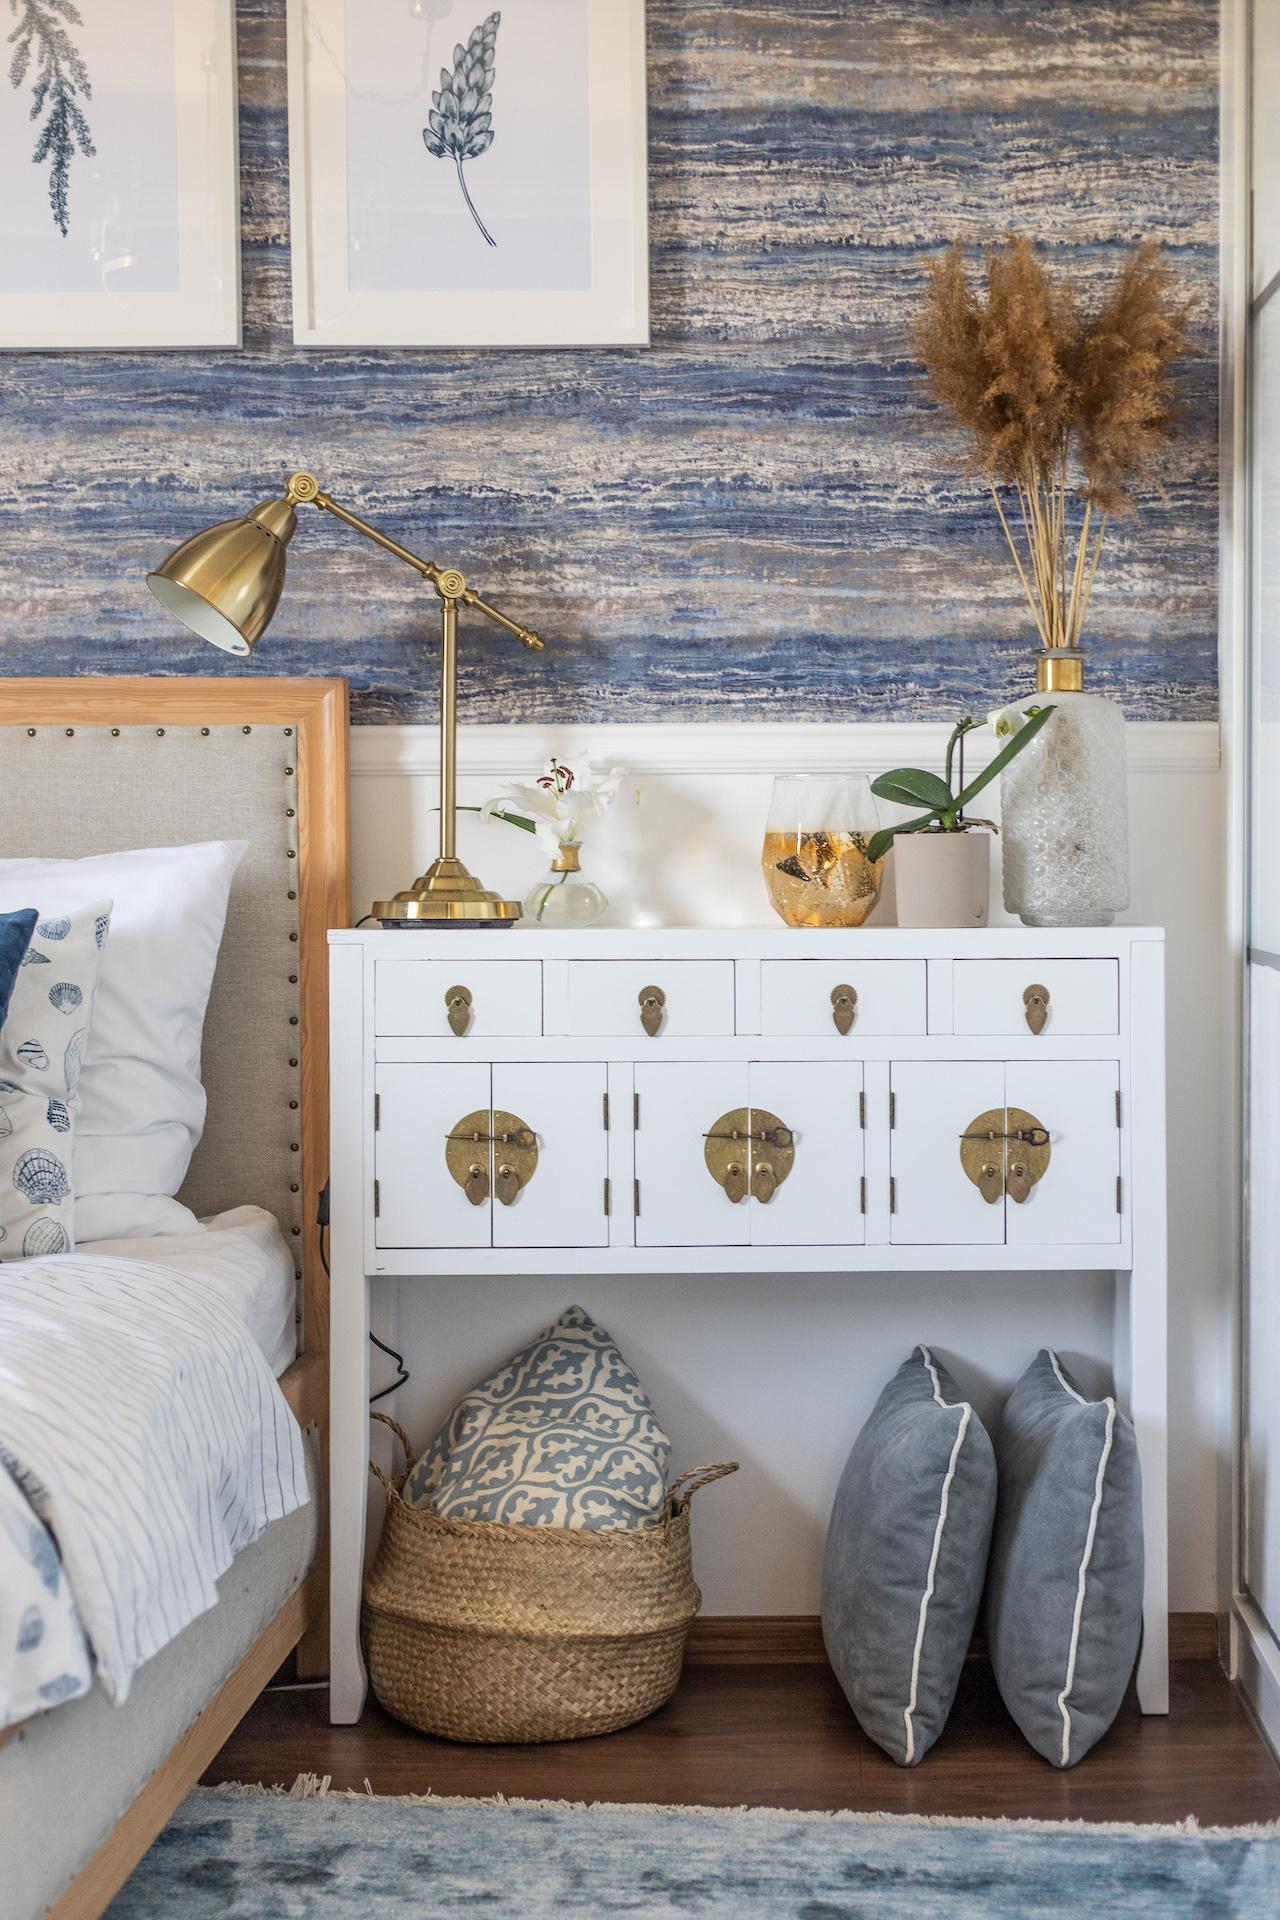 sypialnia w stylu Hamptons - złote dodatki